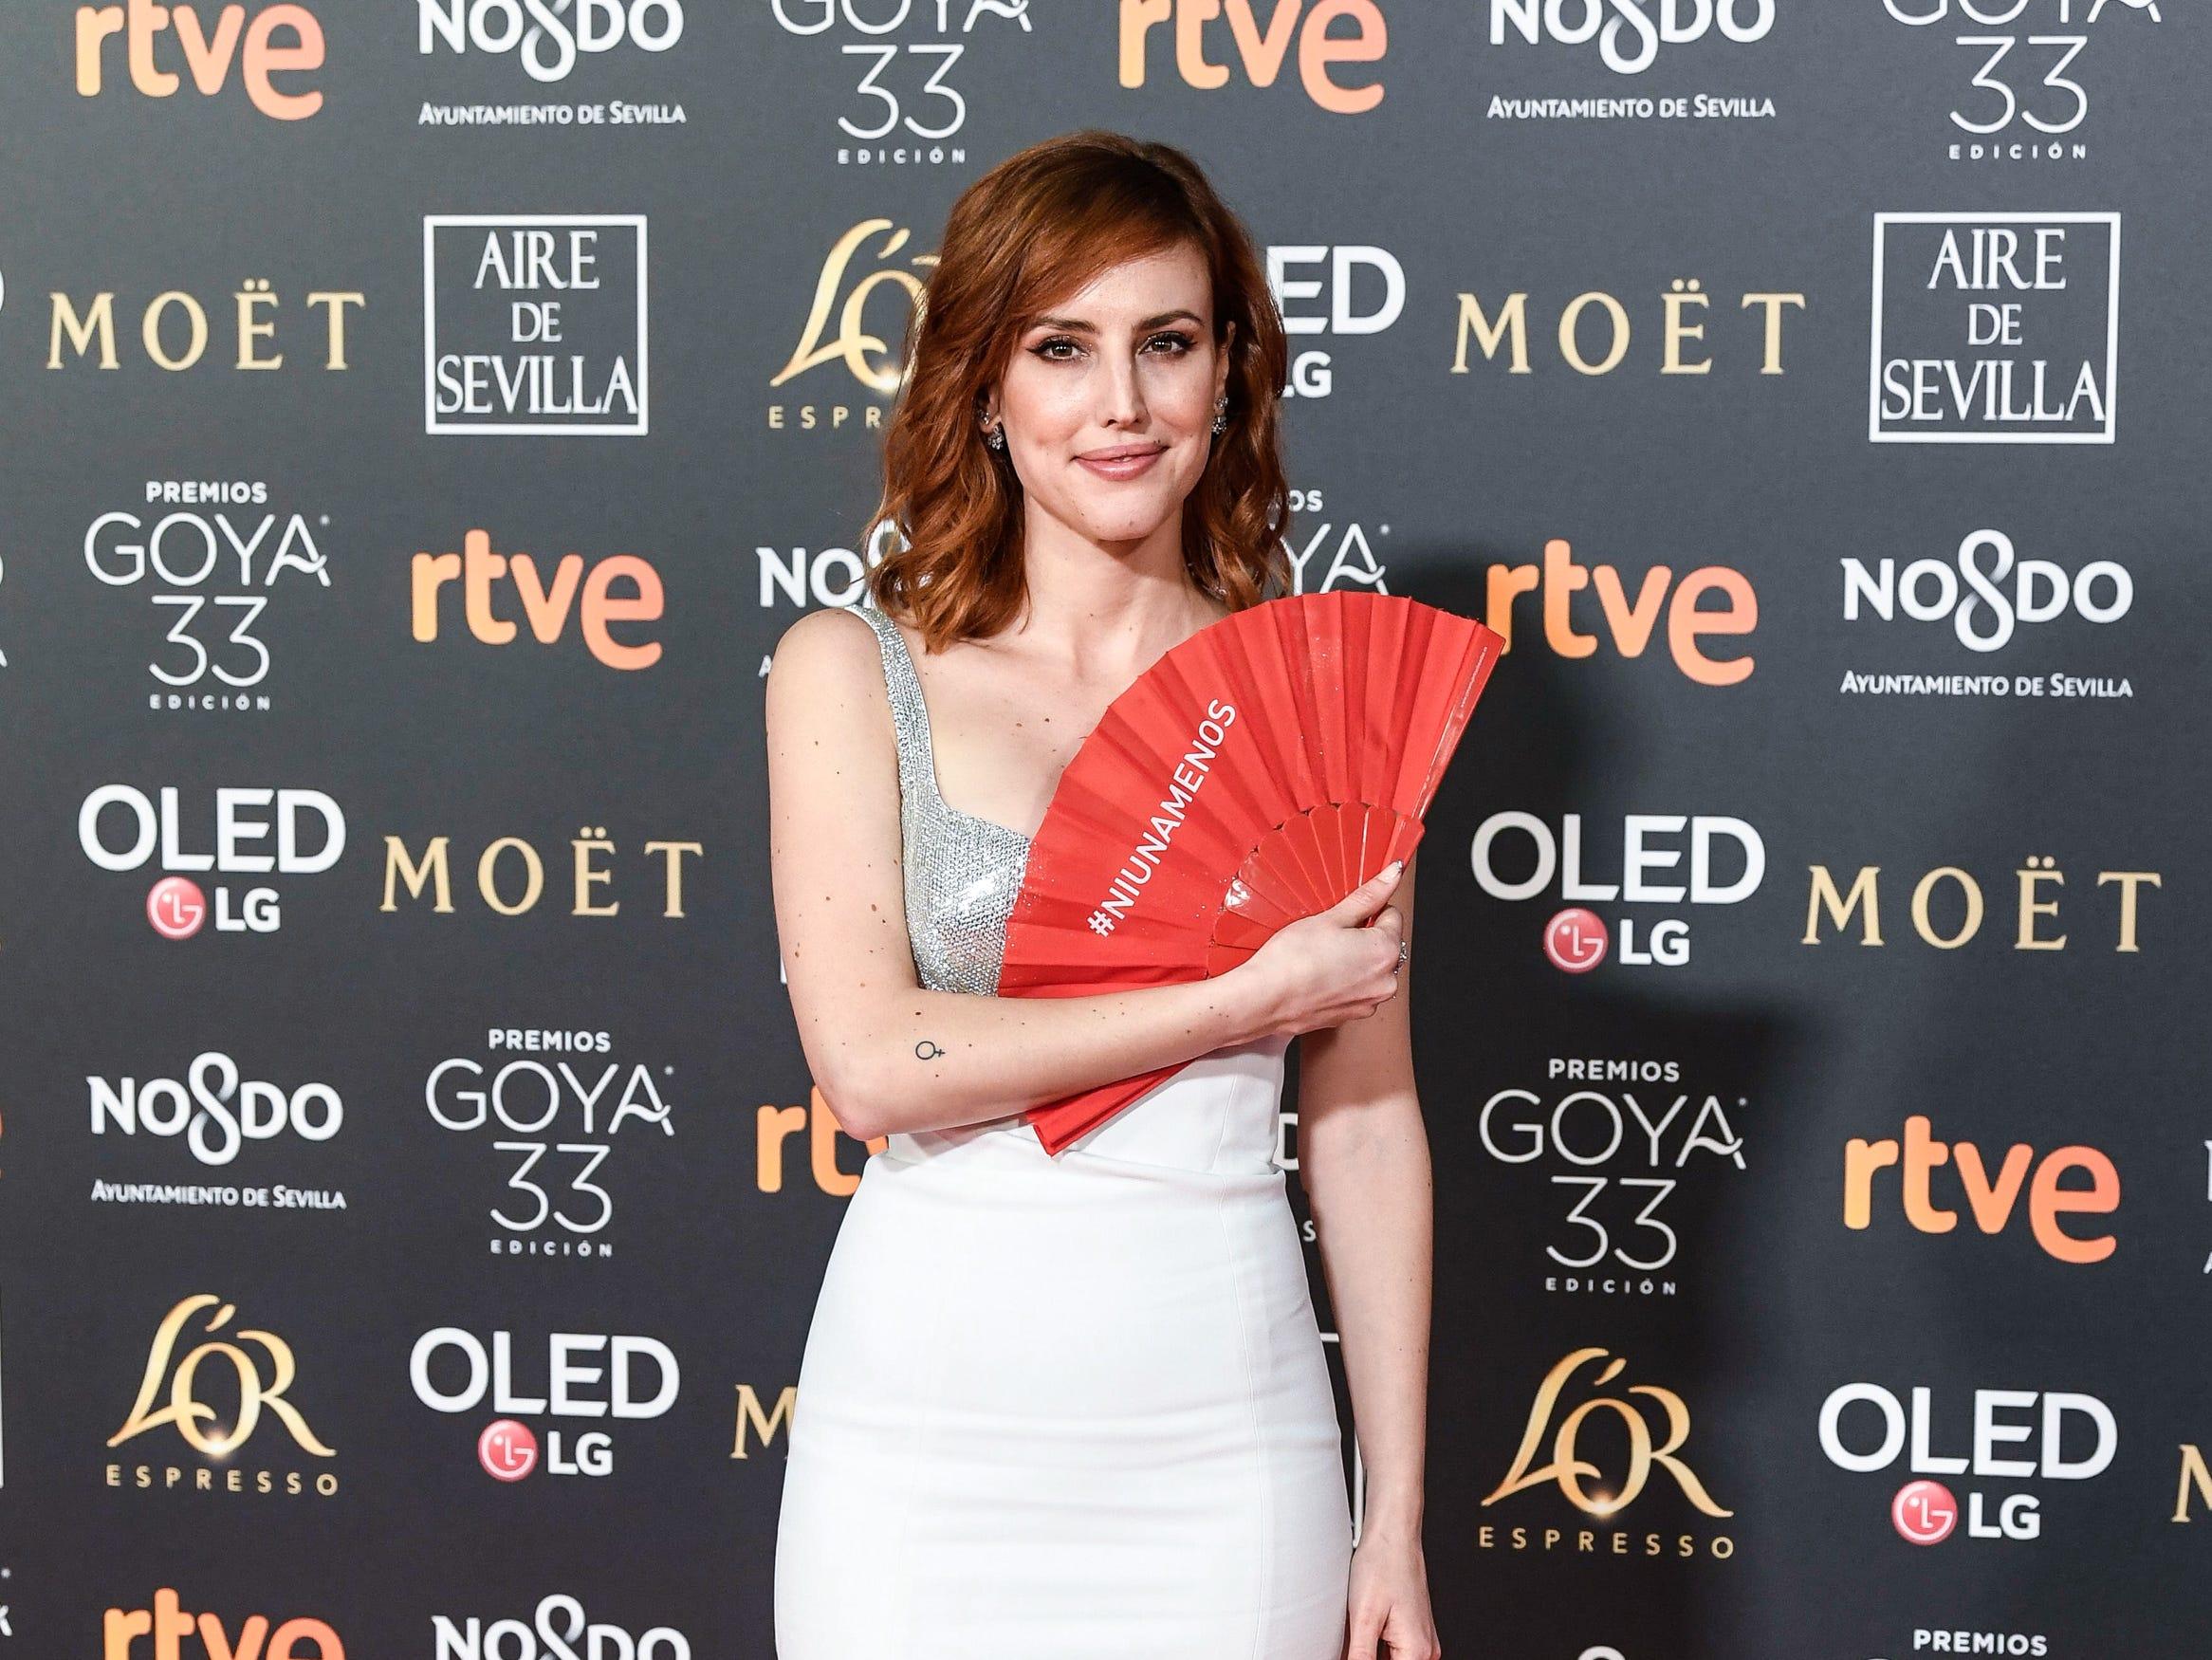 Natalia de Molina asiste a la 33ª edición de los Premios de Cine Goya en el Palacio de Congresos y Exposiciones FIBES el 2 de febrero de 2019 en Sevilla, España.